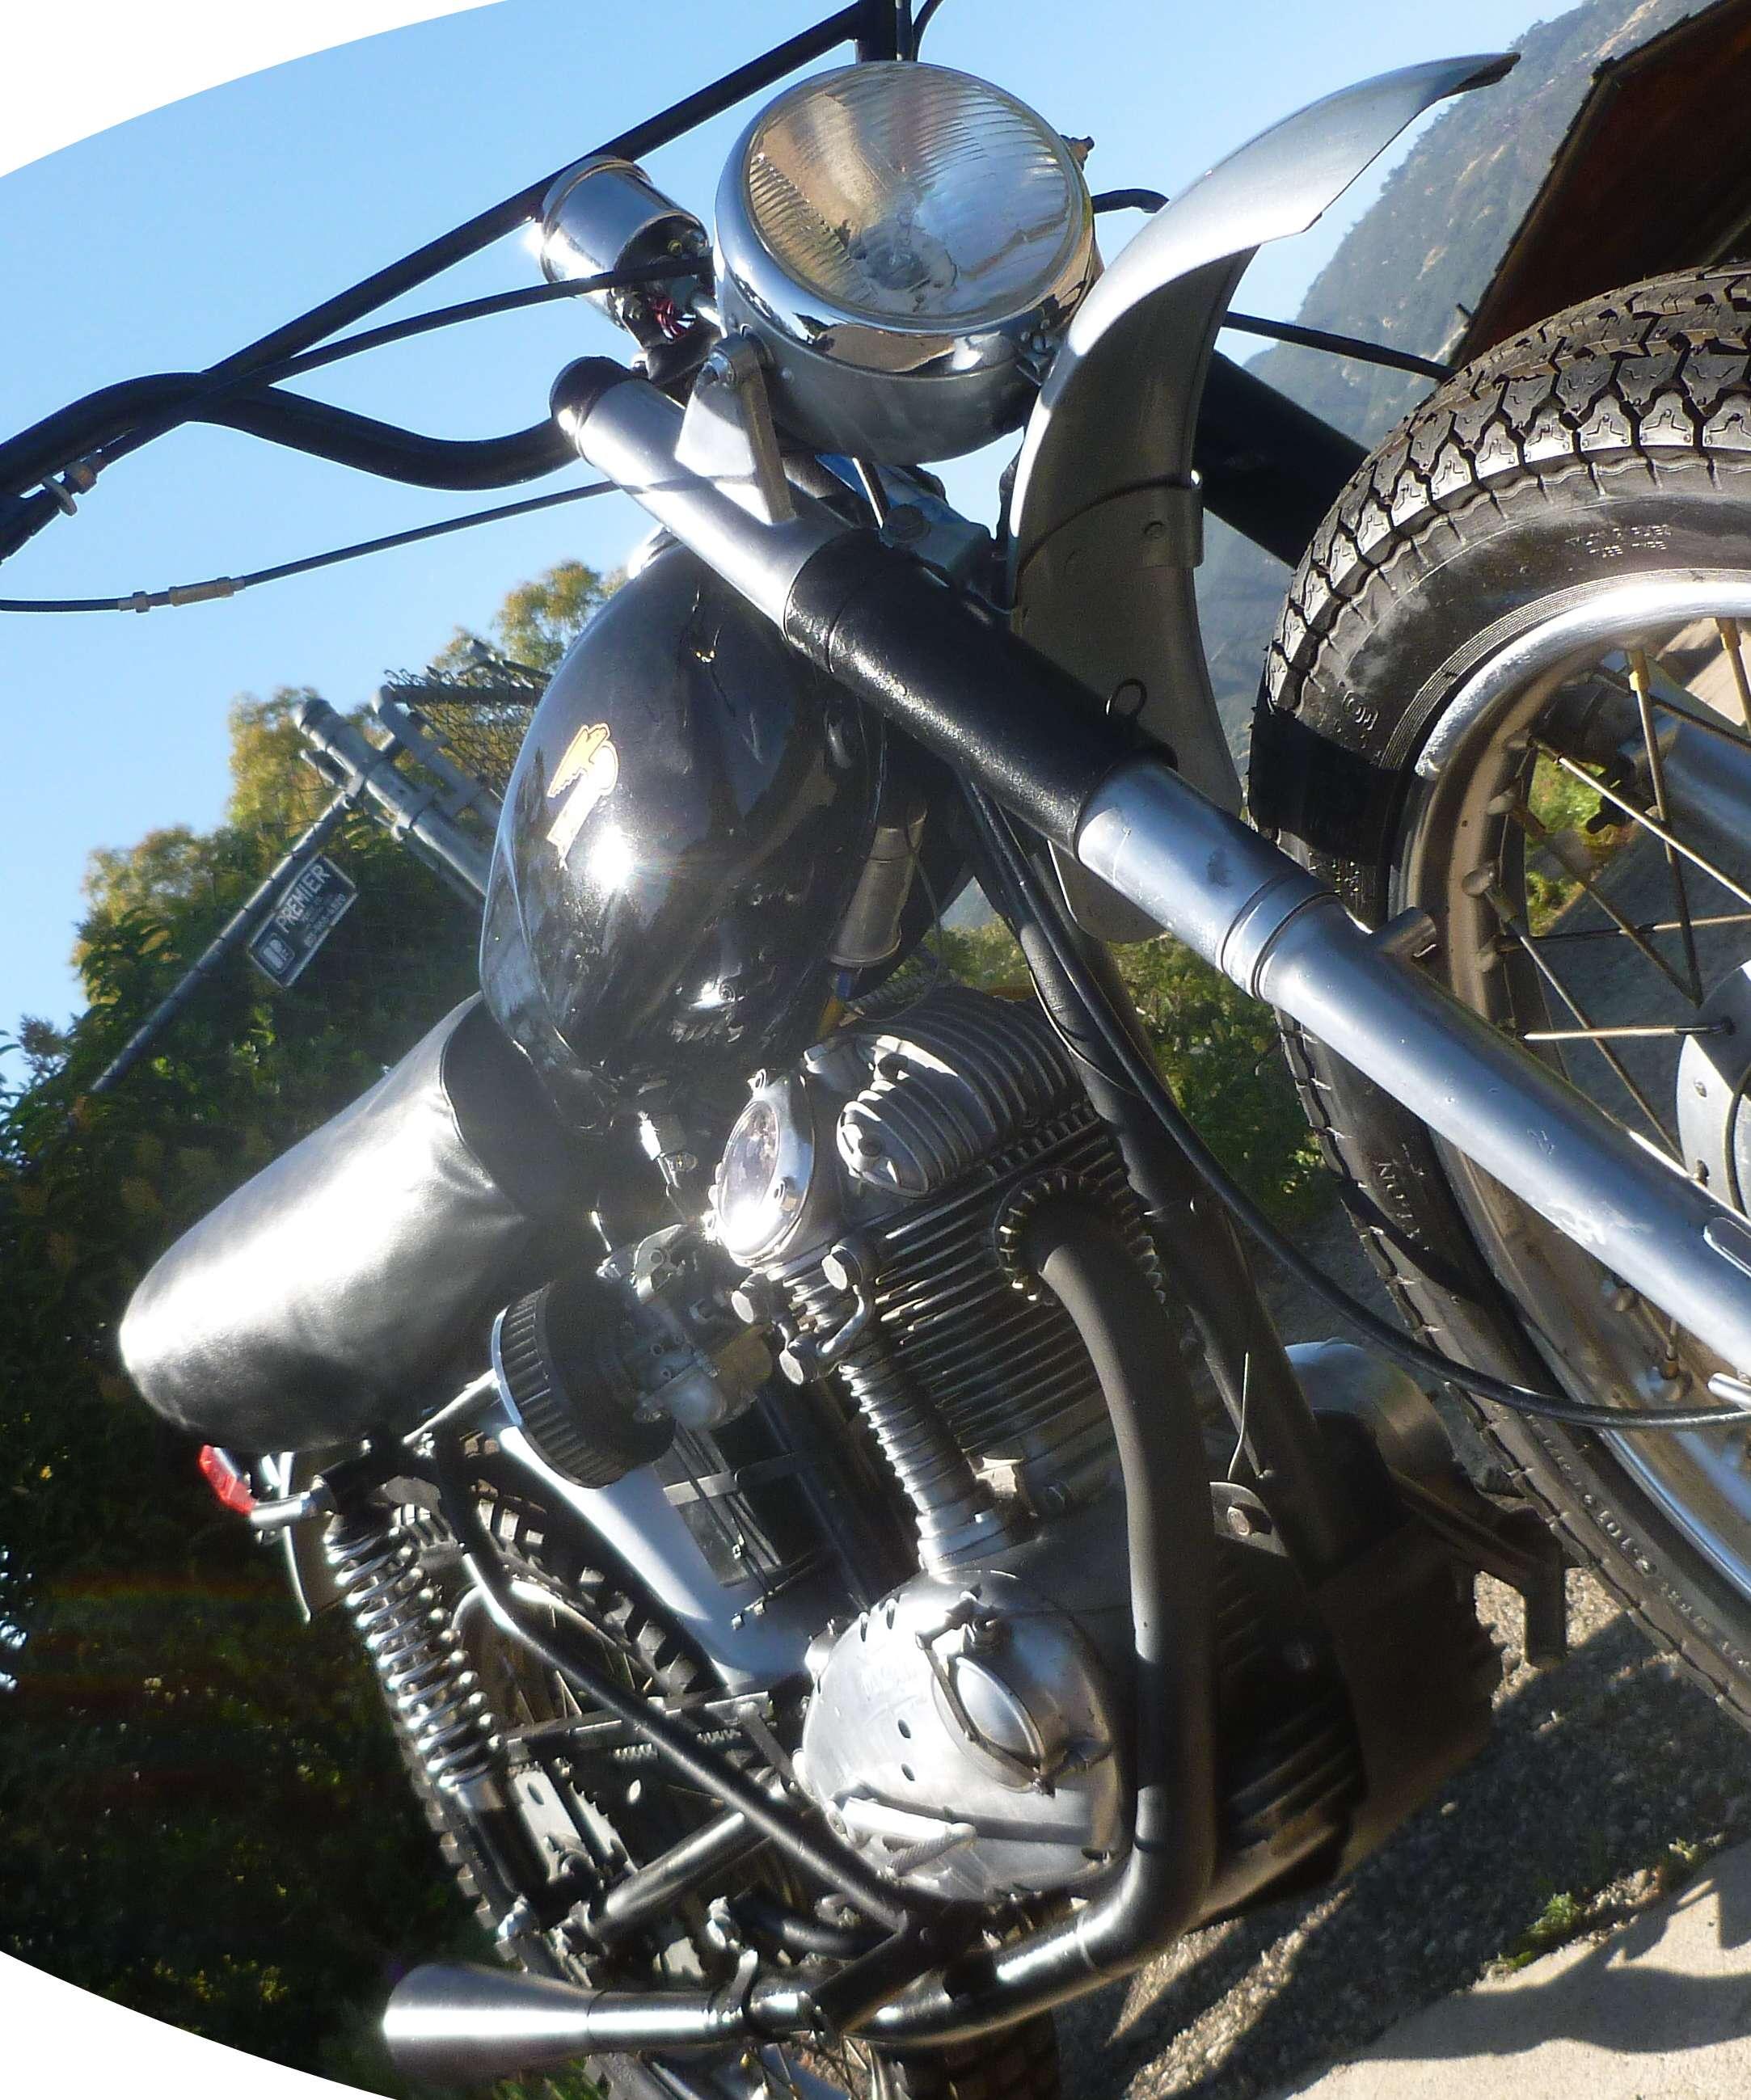 Ducati 1965 Scrambler 250 Narrow case 1